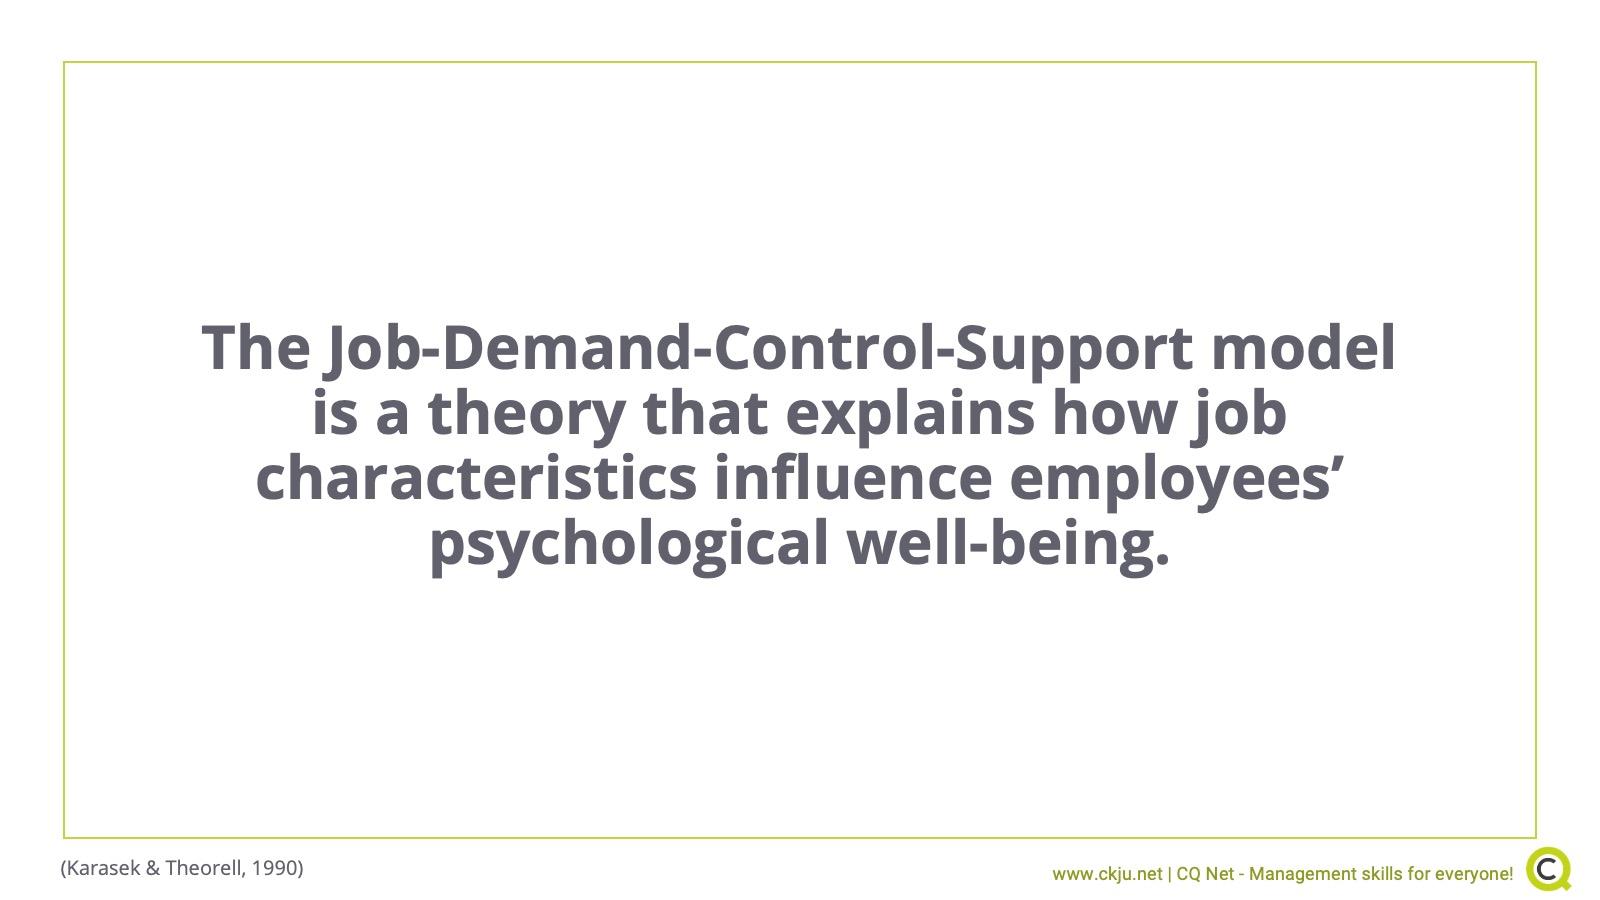 Job-Demand-Control-Support Model